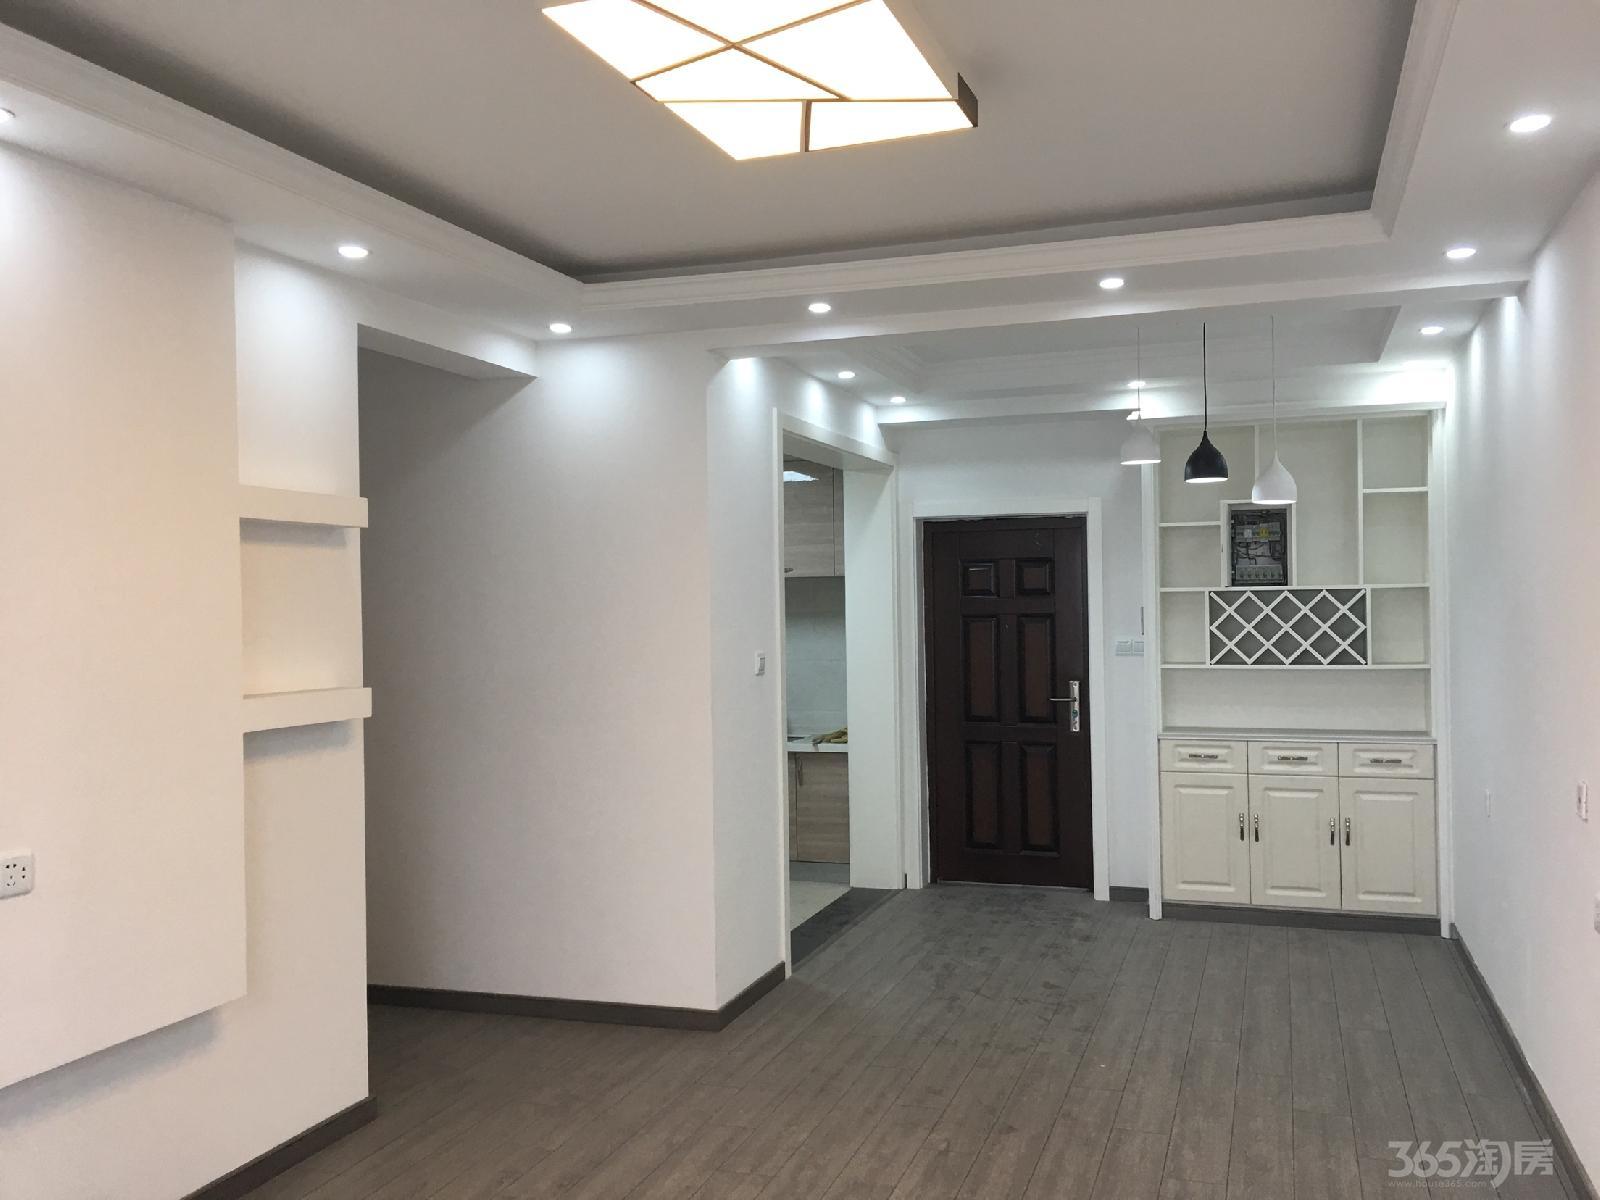 华建雅筑3室2厅2卫87平米精装产权房2015年建满五年